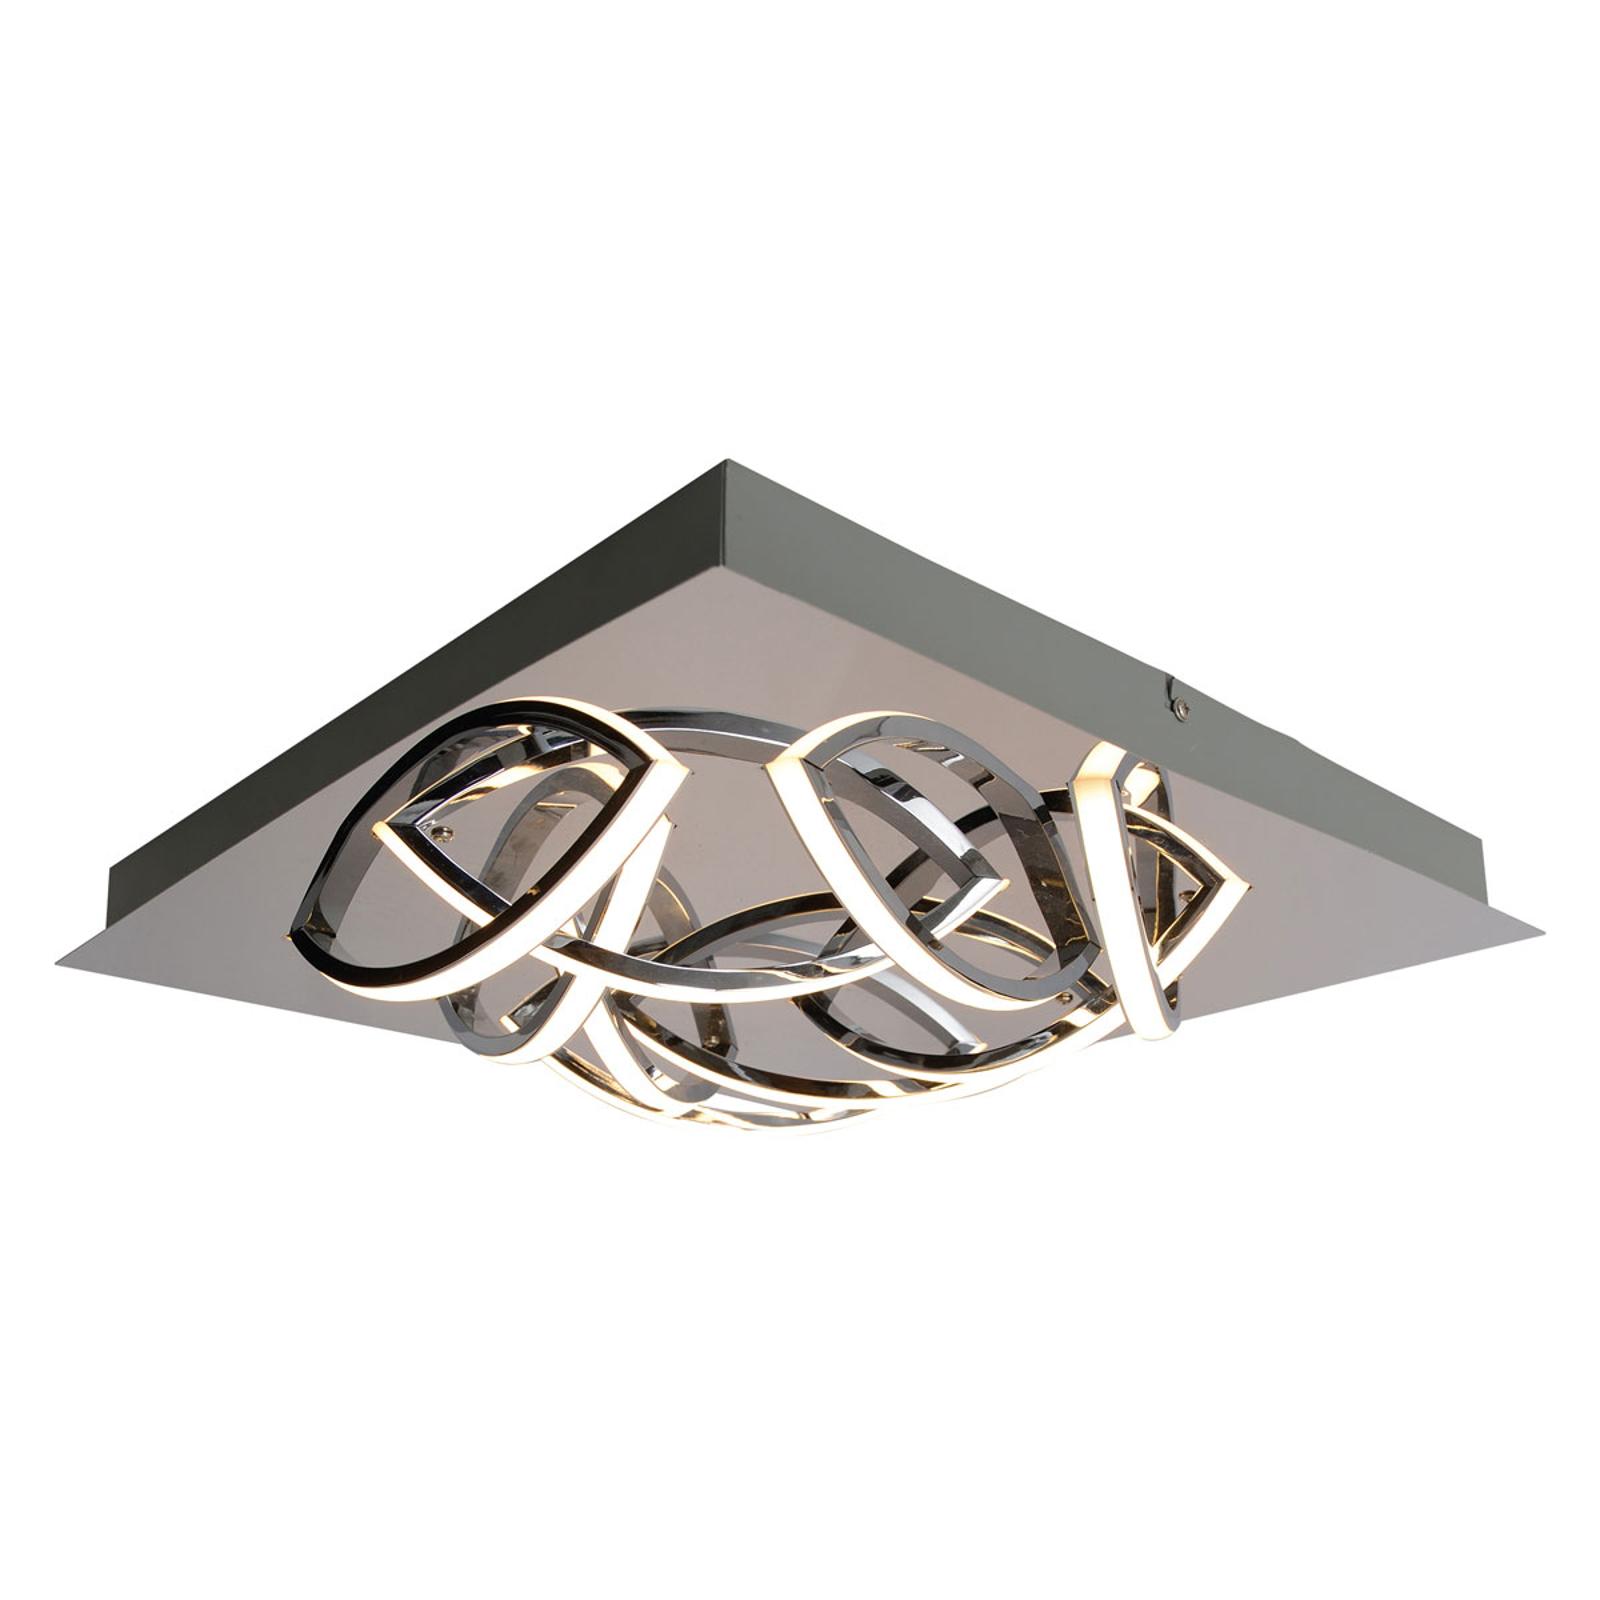 LED-taklampe Manchester 9 lyskilder